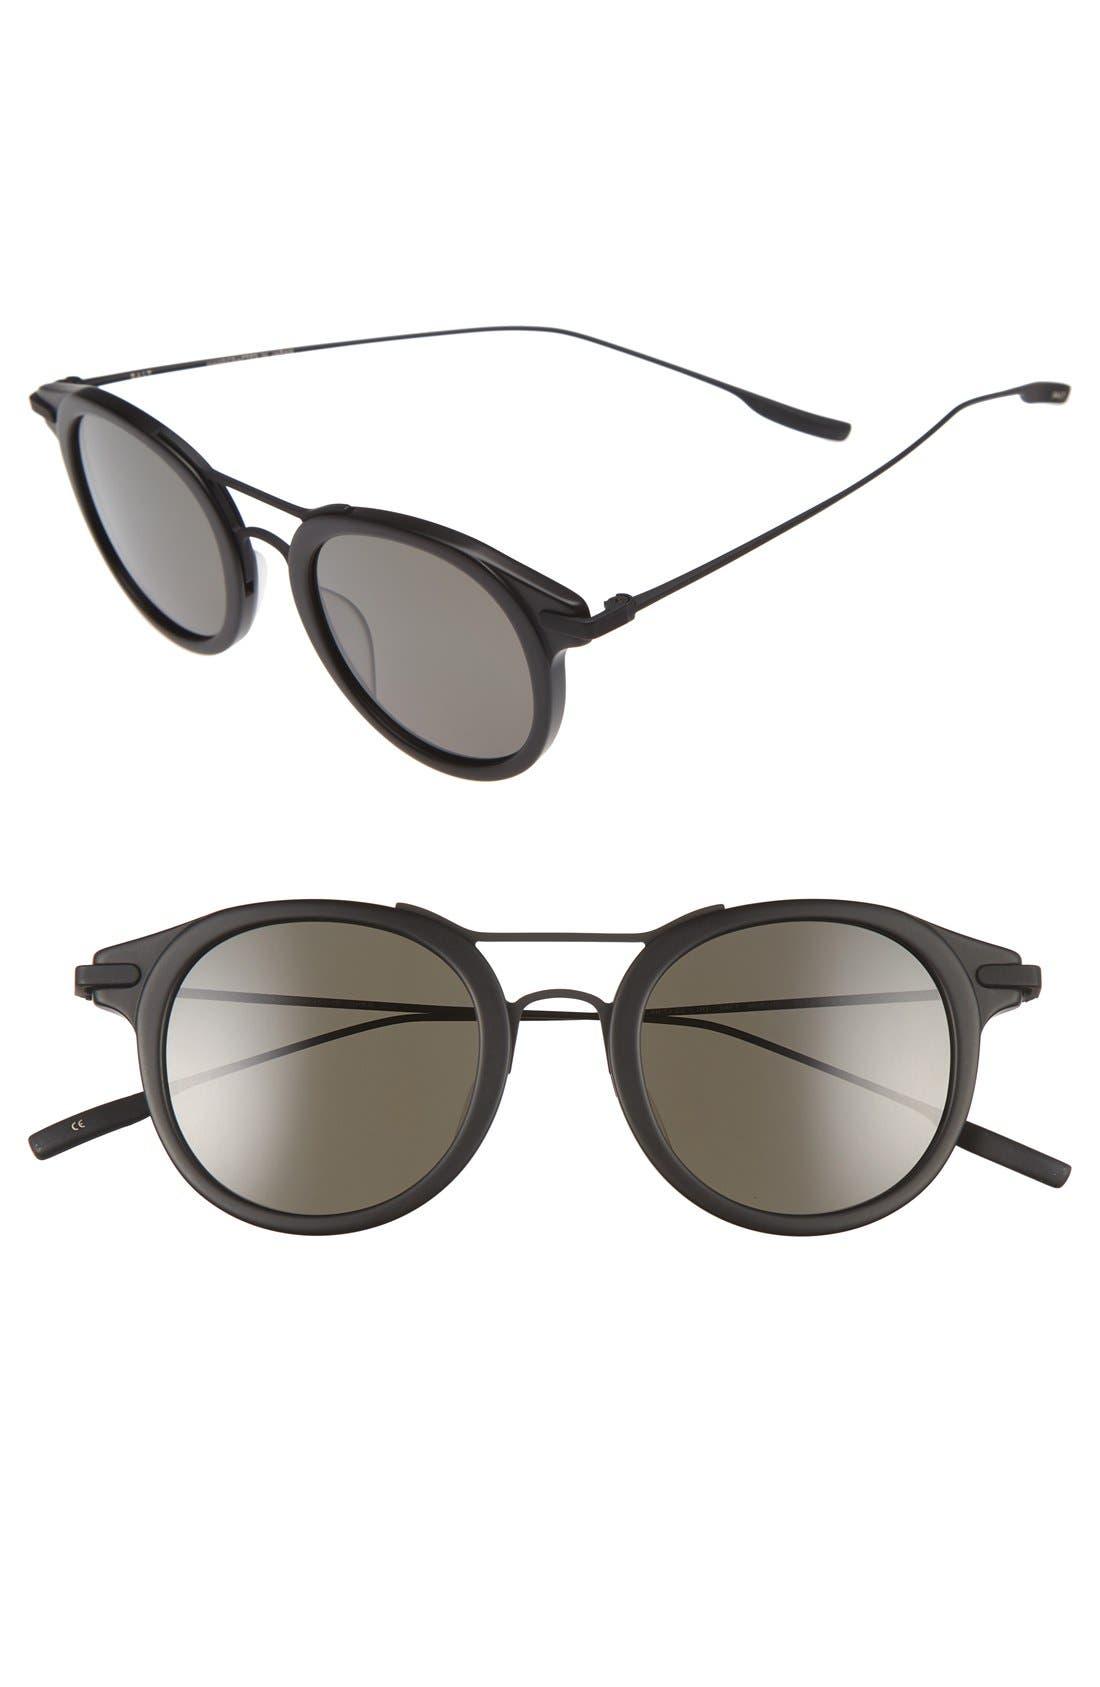 Taft 46mm Polarized Round Sunglasses,                             Main thumbnail 1, color,                             Matte Black/ Black Sand